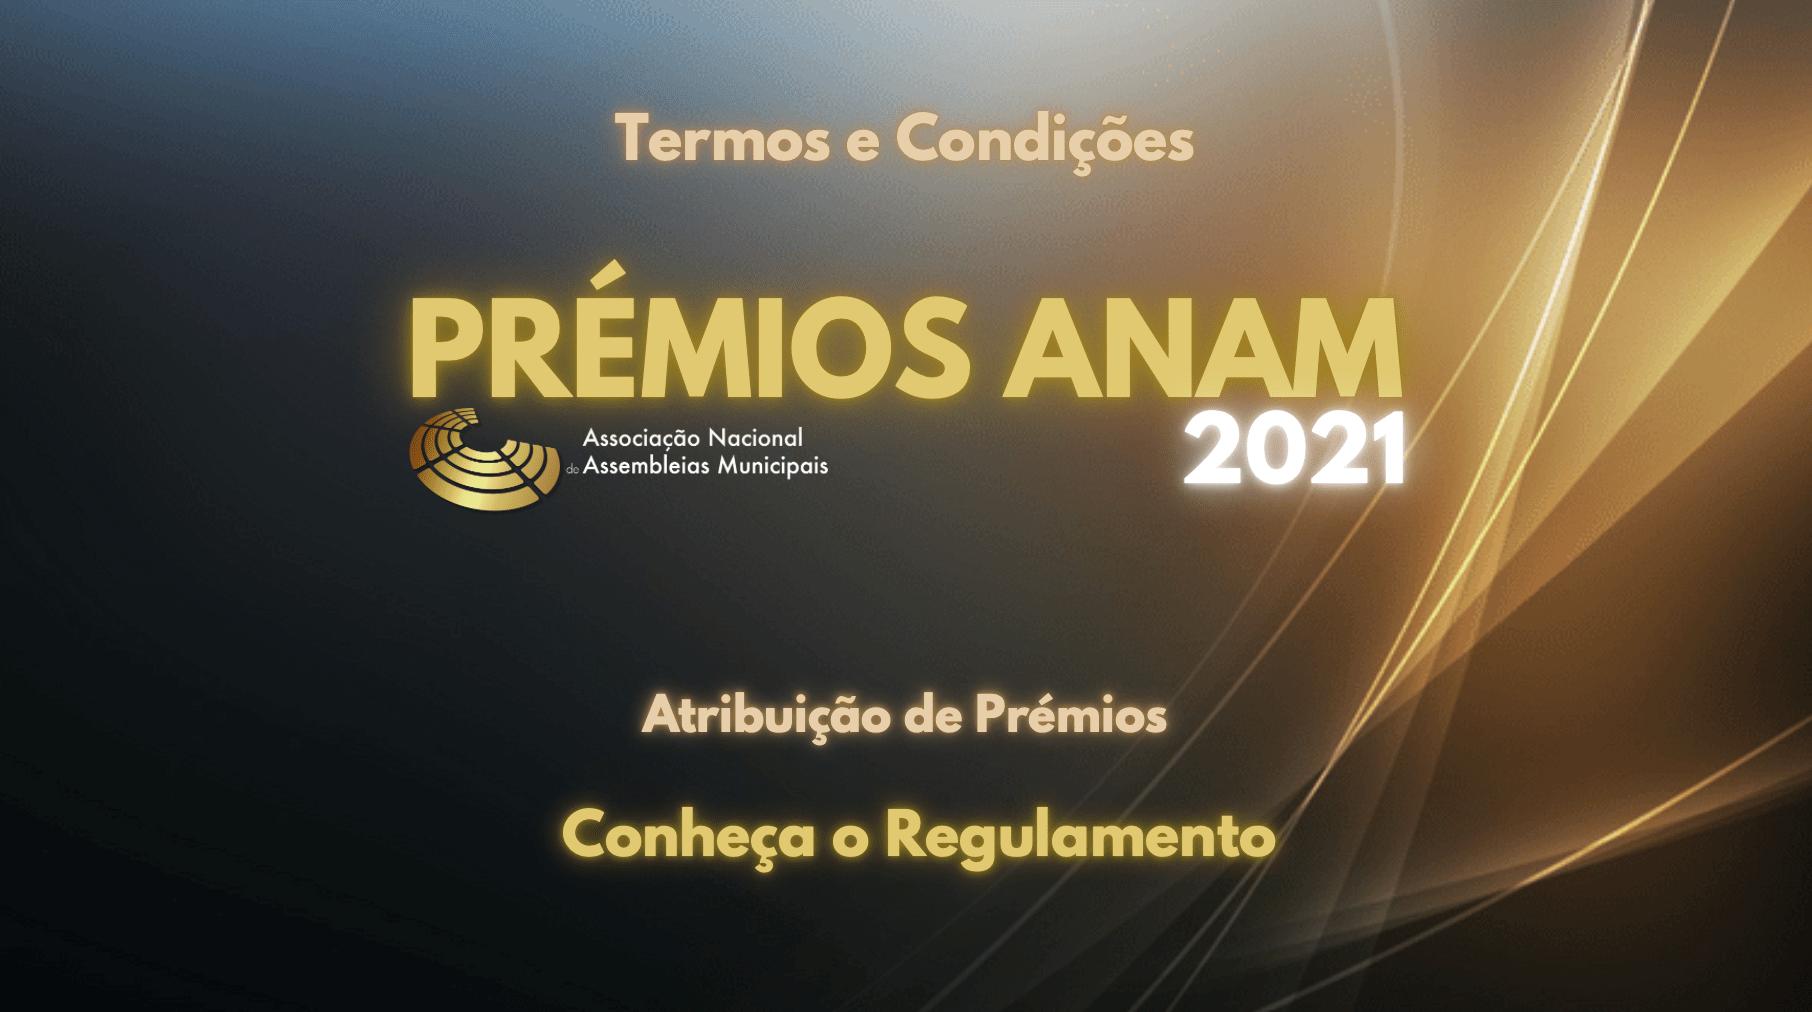 Prémios ANAM 2021